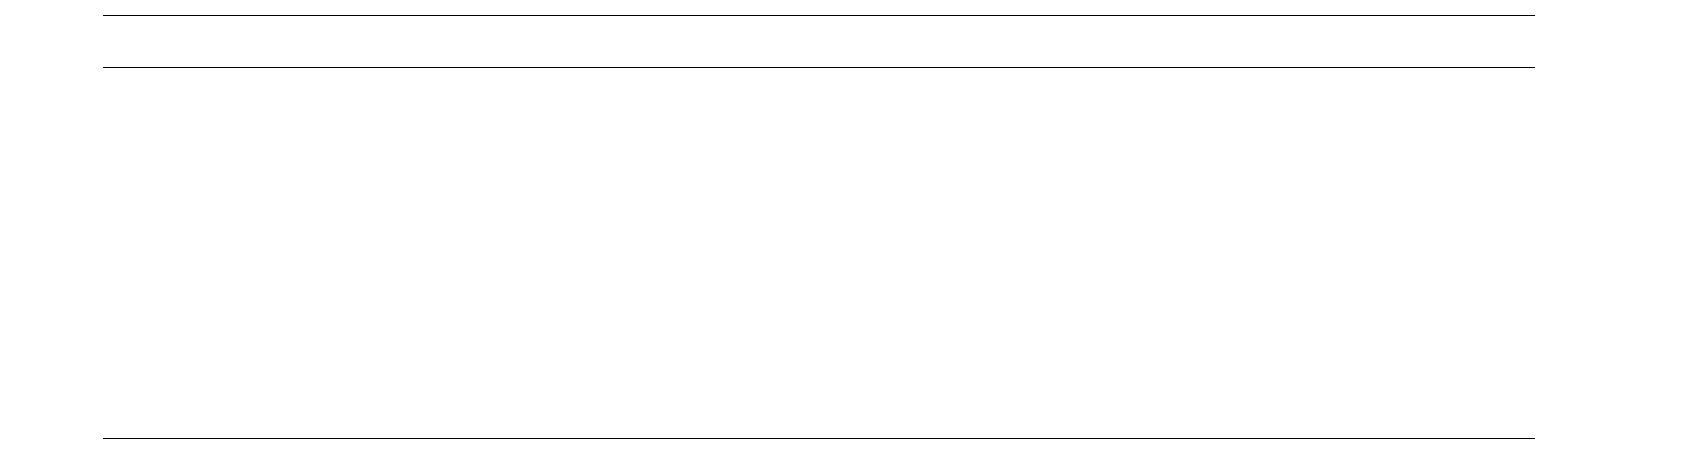 EQ-5D-3L, EQ-VAS, EQ-5D-3L index결과와 SF-36v2, SF-6D의 상관분석